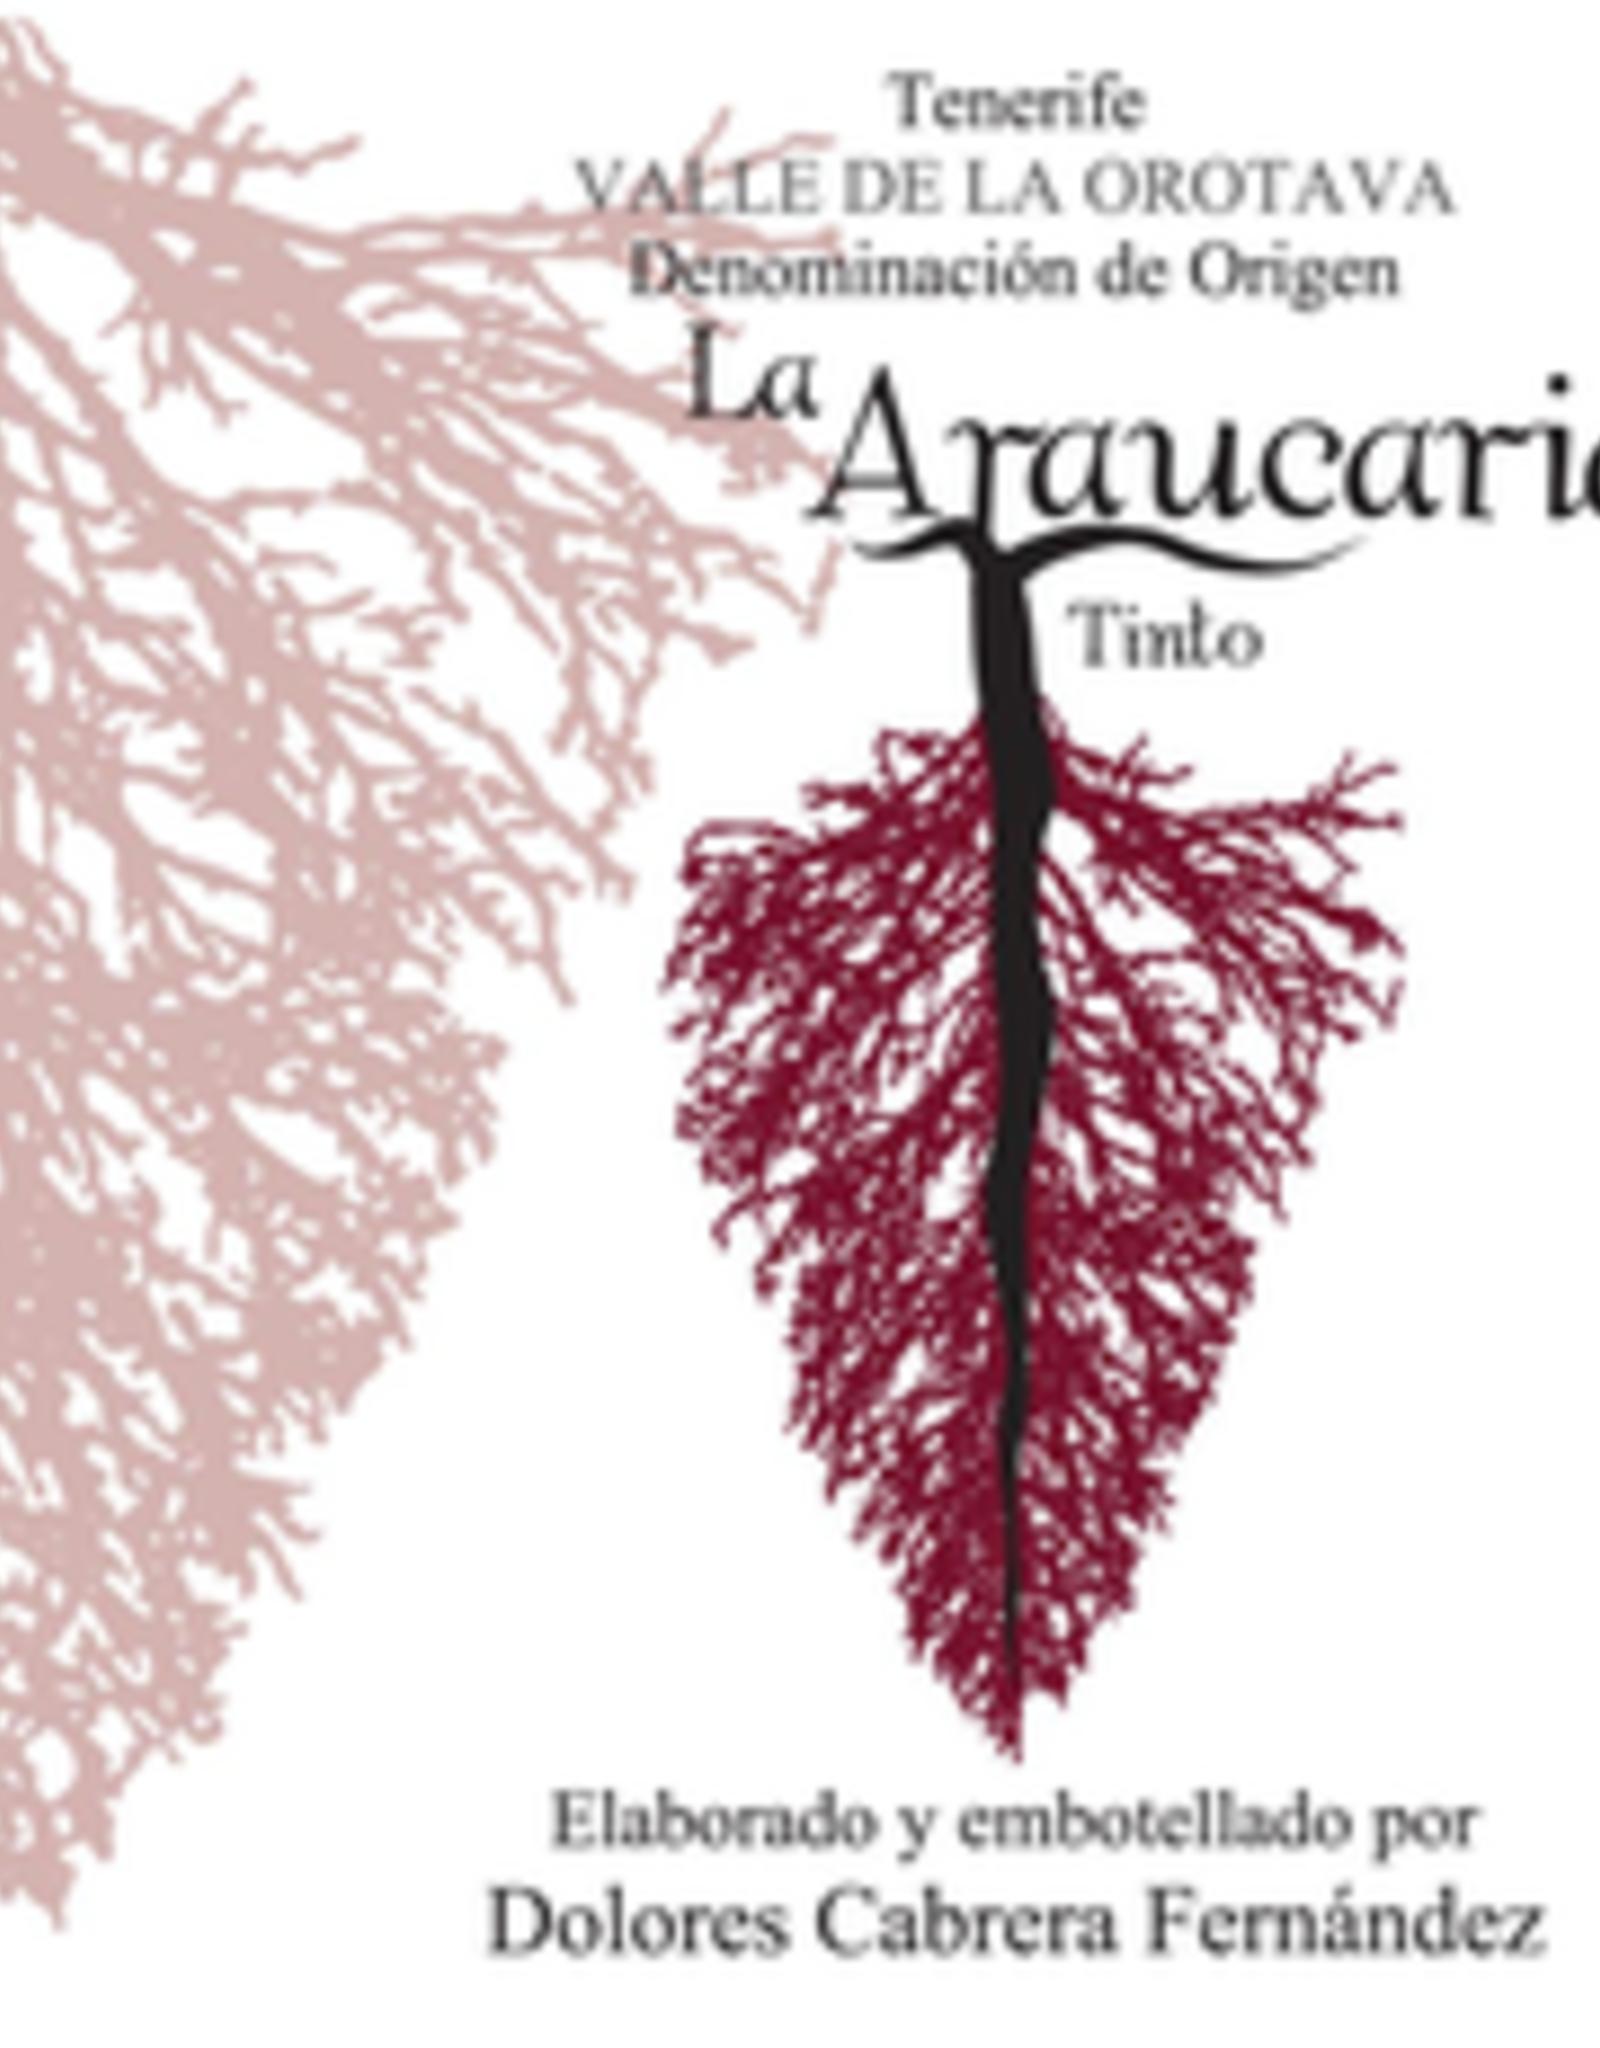 """Listan Negro, Canary Islands, """"Valle de la Orotava La Araucaria Tinto,"""" Dolores Cabrera Fernández 2018"""